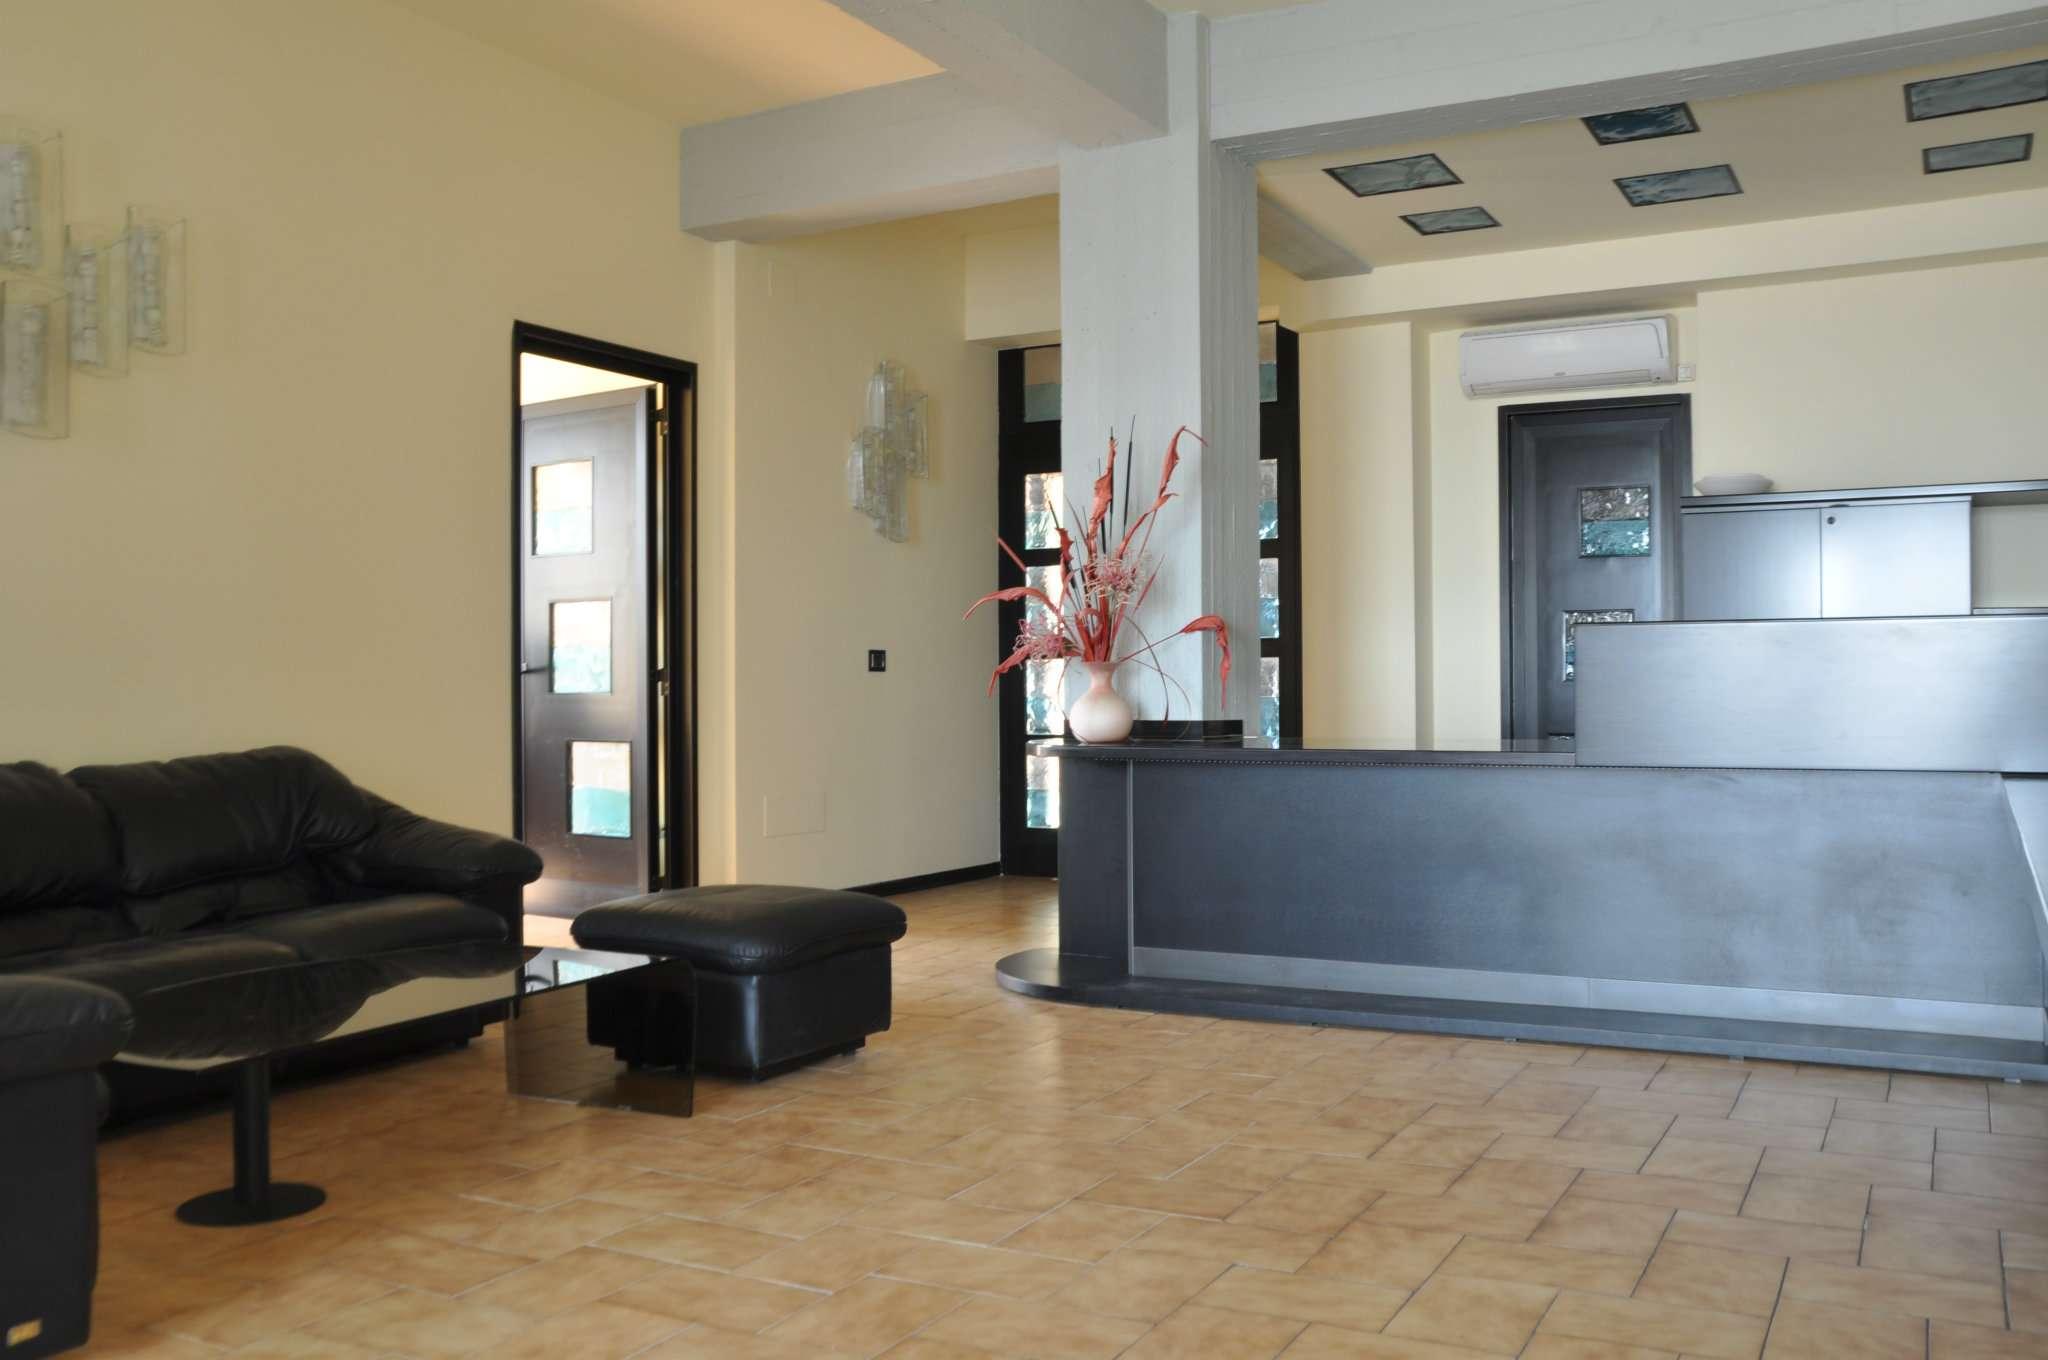 Ufficio / Studio in vendita a Pistoia, 6 locali, prezzo € 250.000 | CambioCasa.it